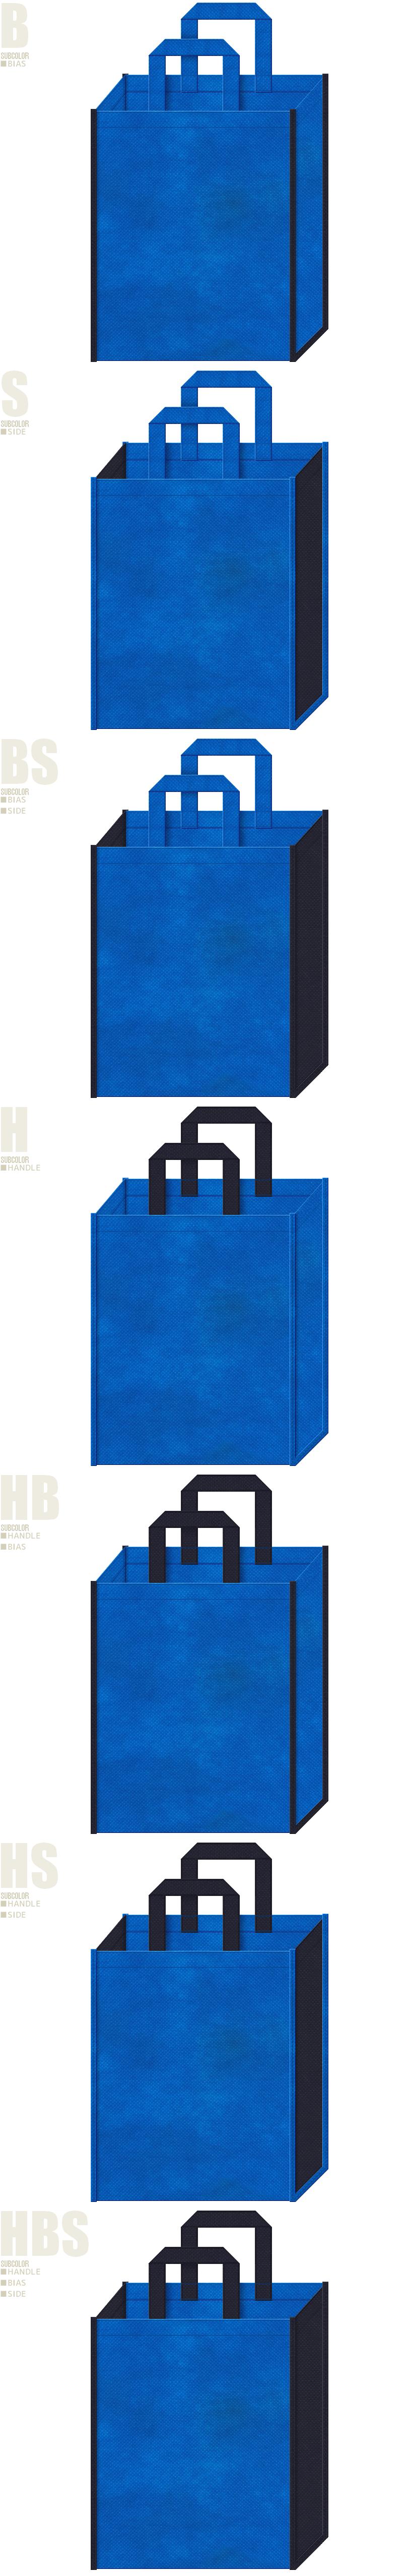 不織布トートバッグのデザイン例-不織布メインカラーNo.22+サブカラーNo.20の2色7パターン